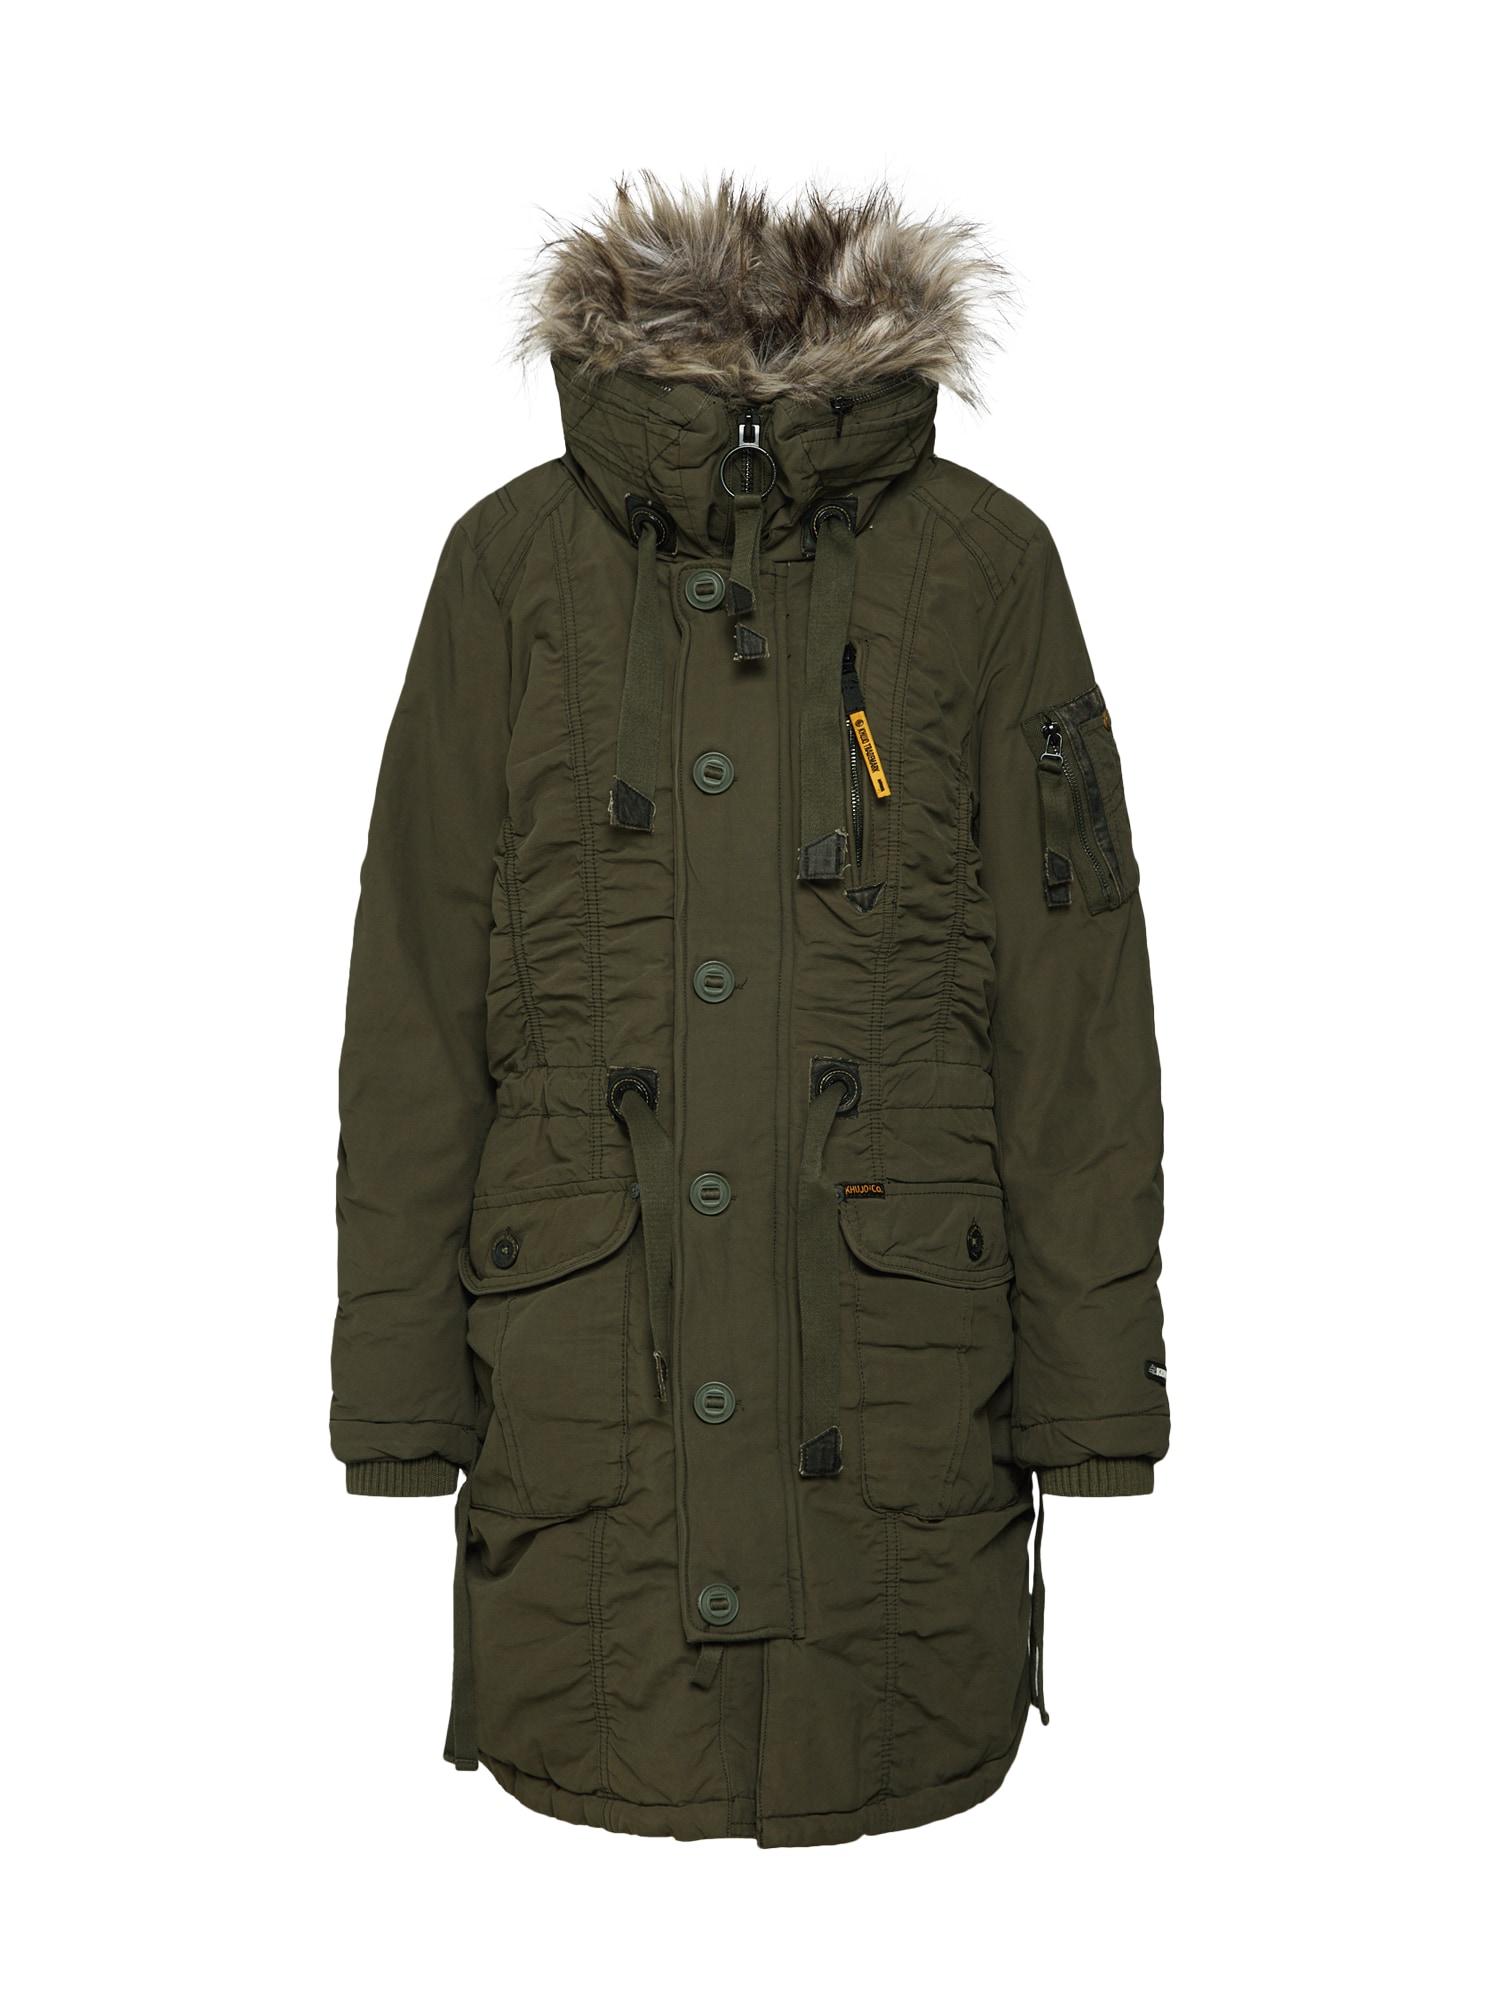 Zimní kabát STEFANIA khaki Khujo